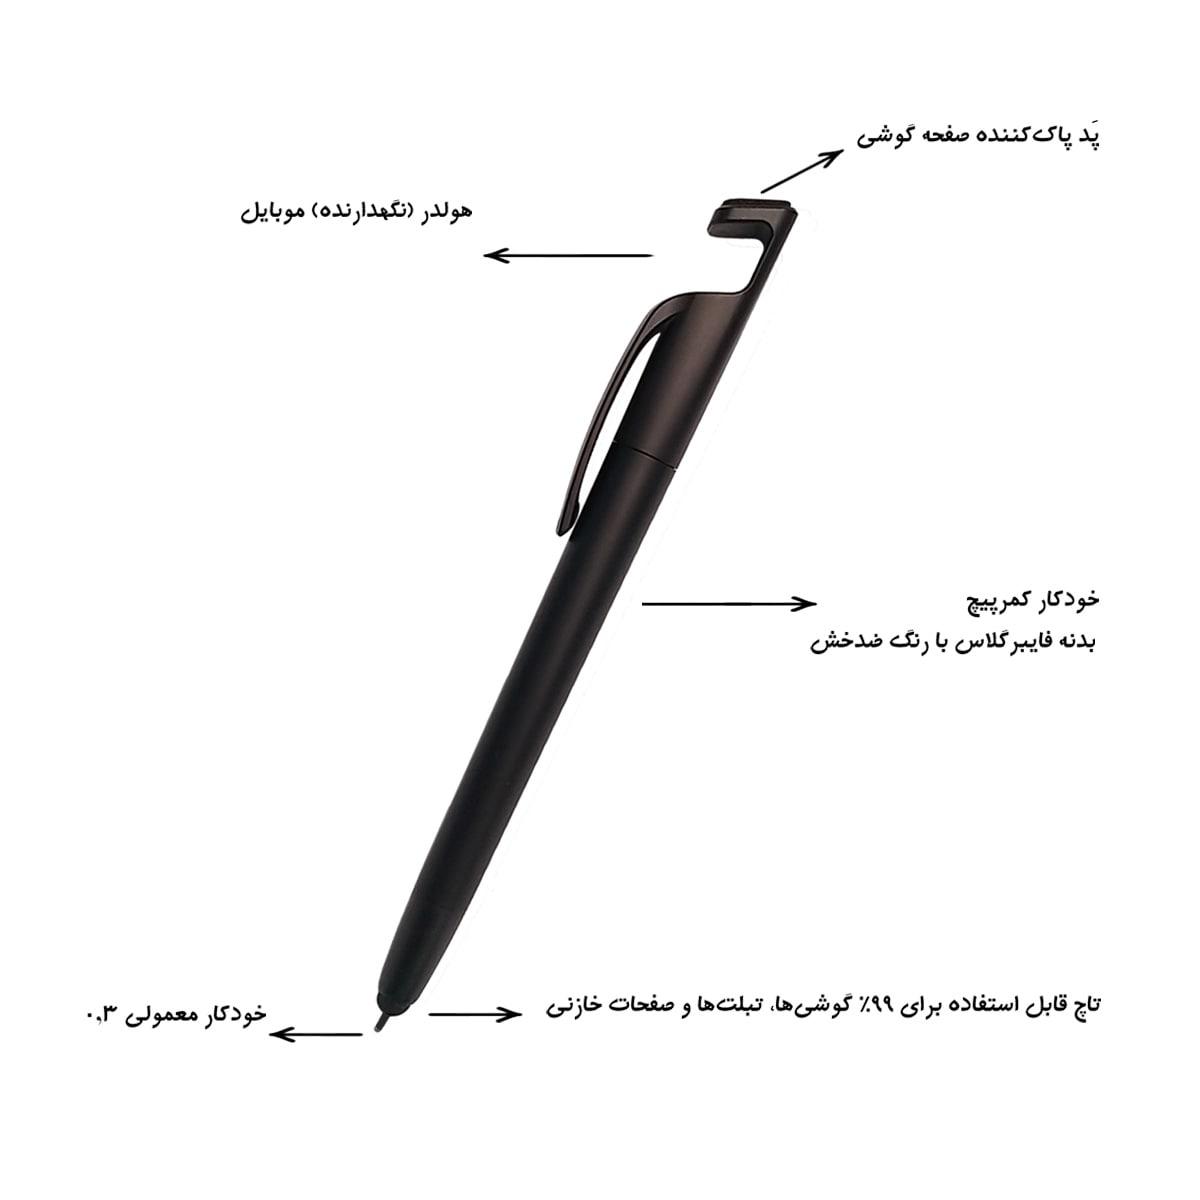 قلم لمسی و پایه نگهدارنده موبایل مدل SKJMRJNQ002369